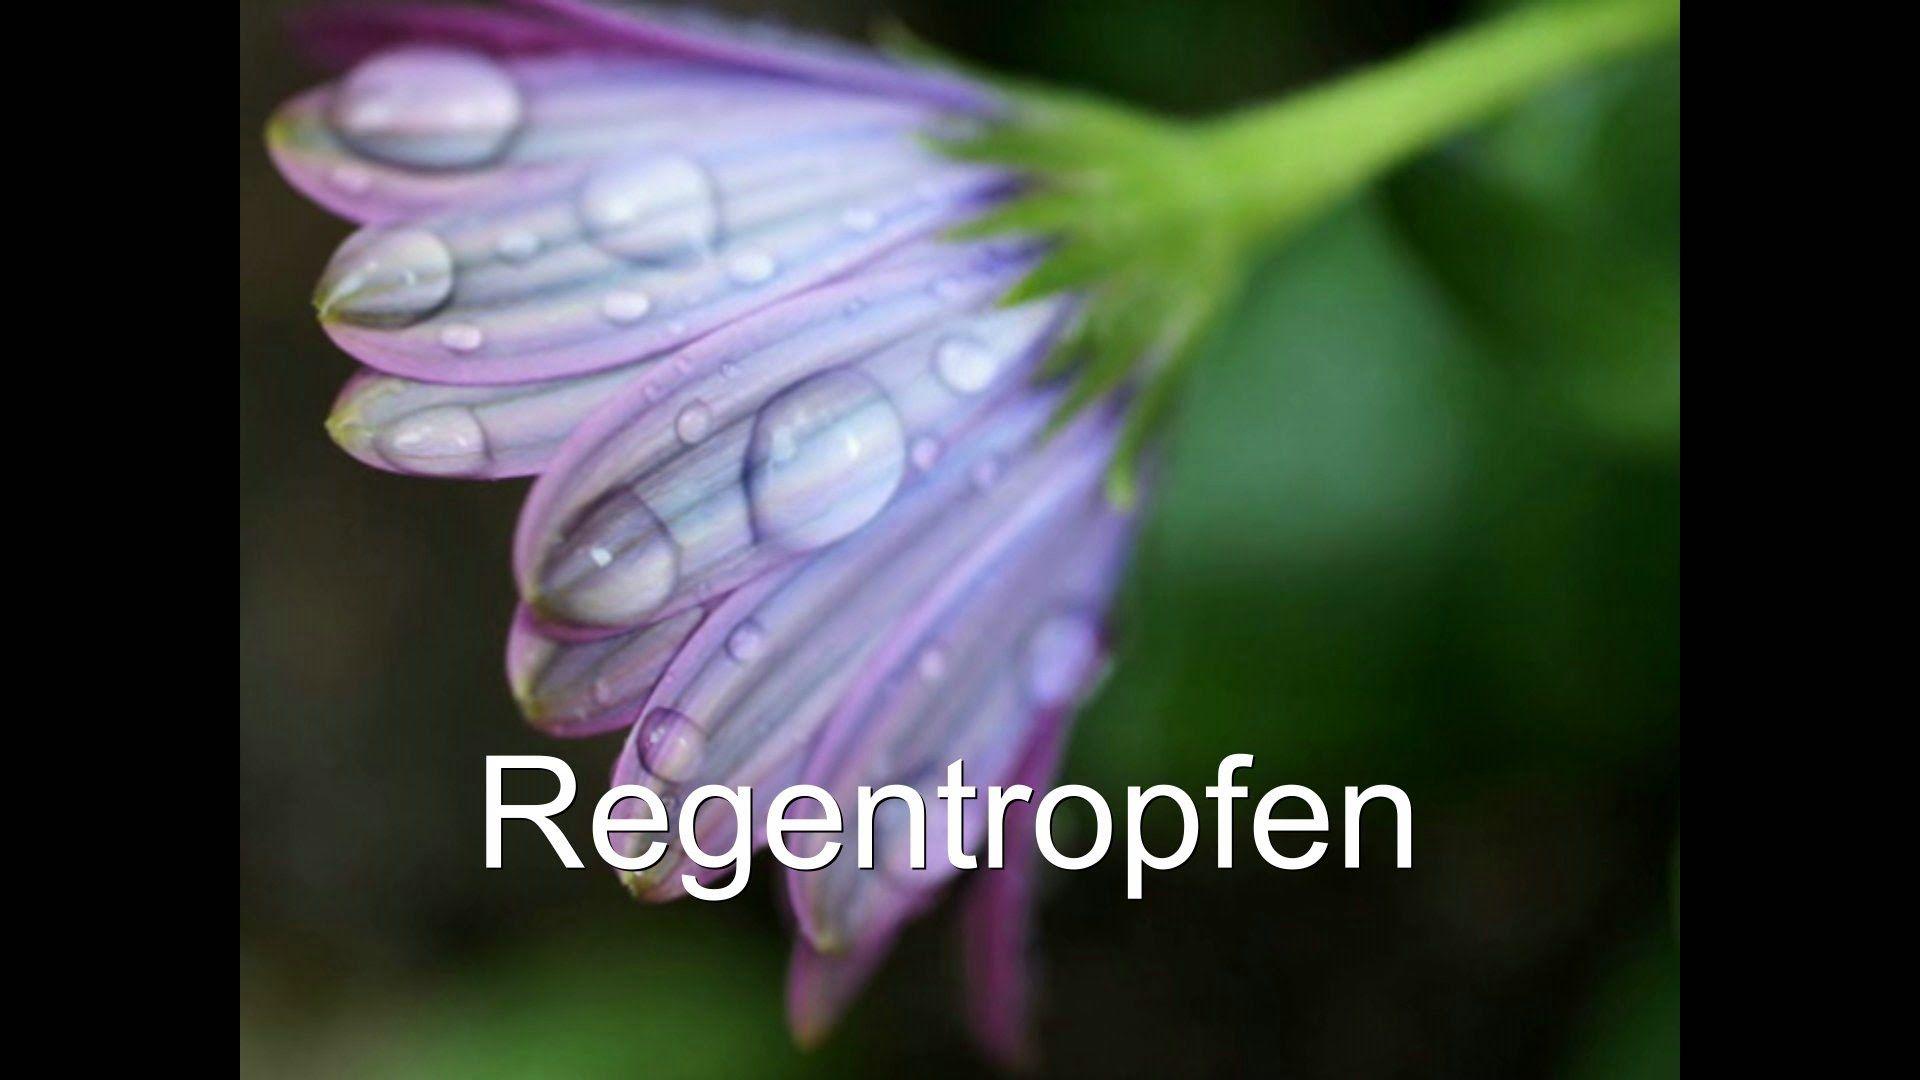 Regentropfen Fotoshow /RuthvonG